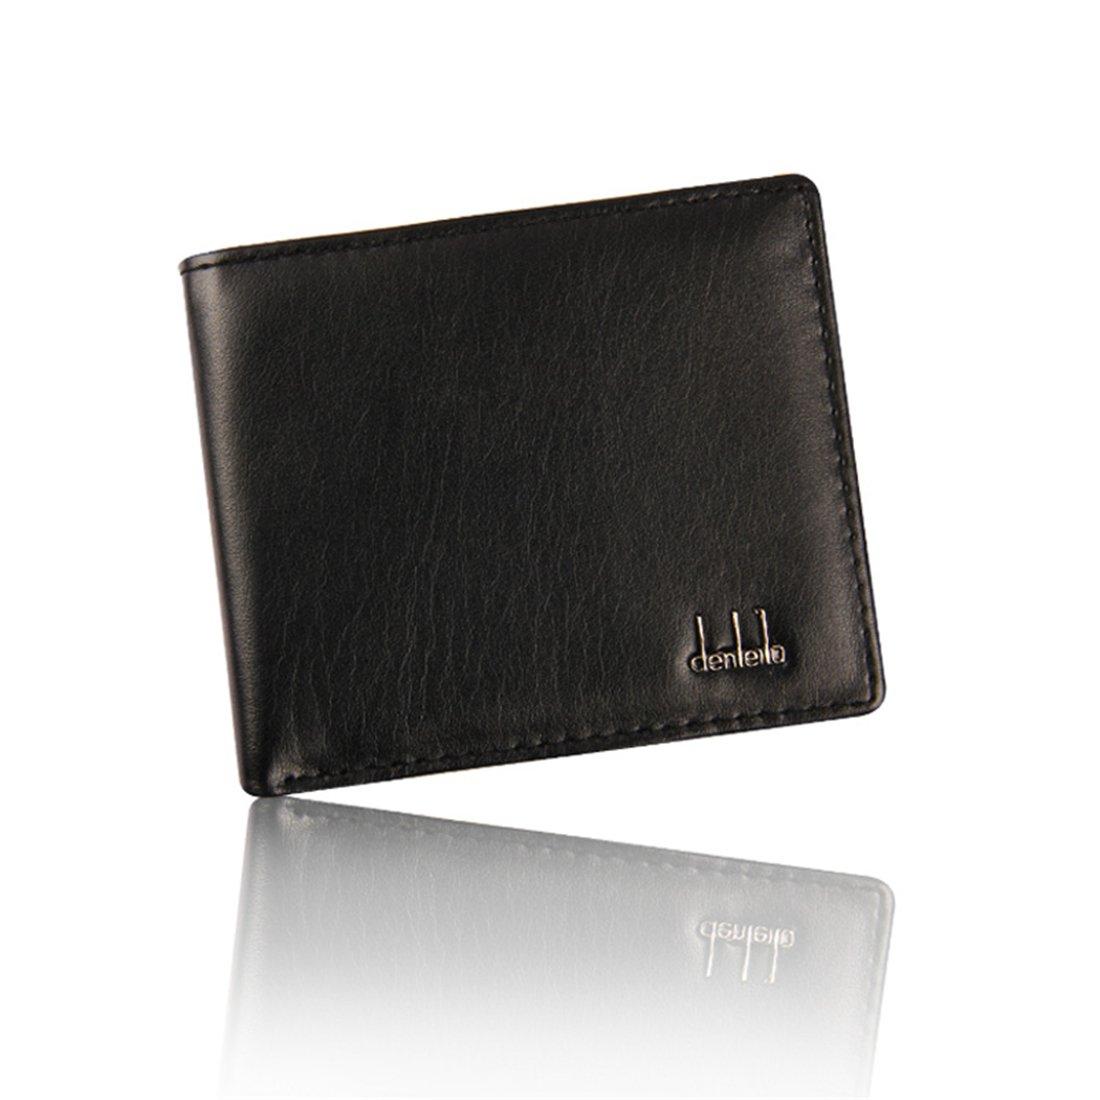 Hemlock Bifold Business Wallets, Men Leather Wallet Credit Card Holder Pocket Purse (Black) by Hemlock (Image #1)